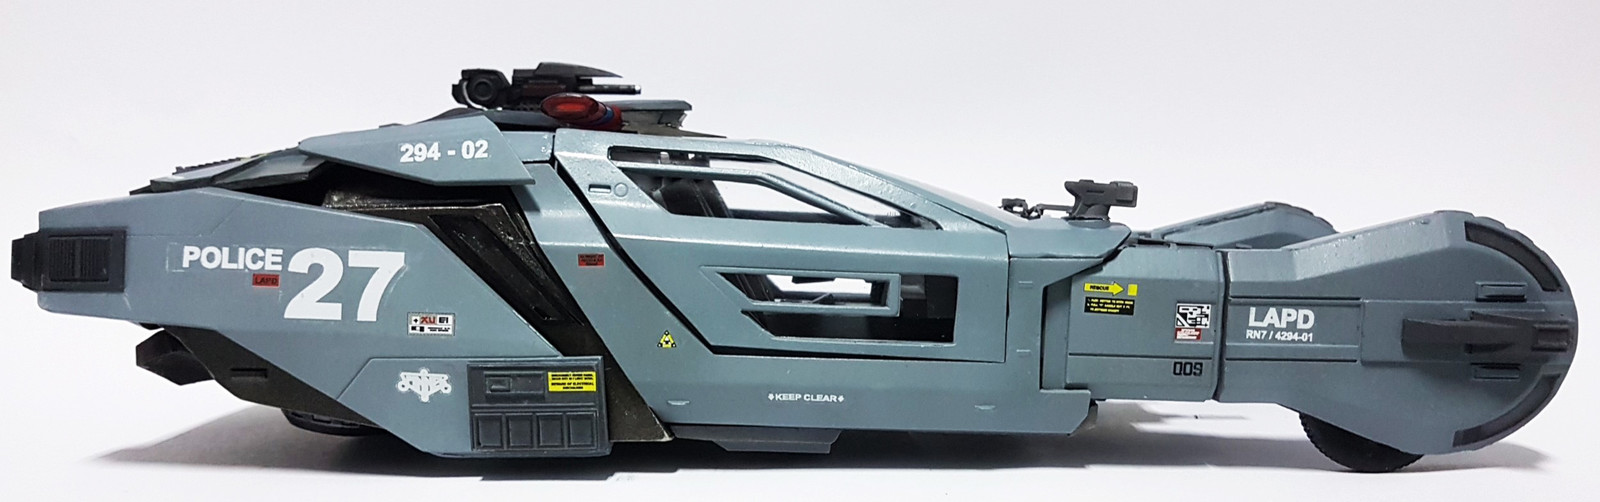 Blade Runner 2049 Concept Spinner 1/17 Resin Kit